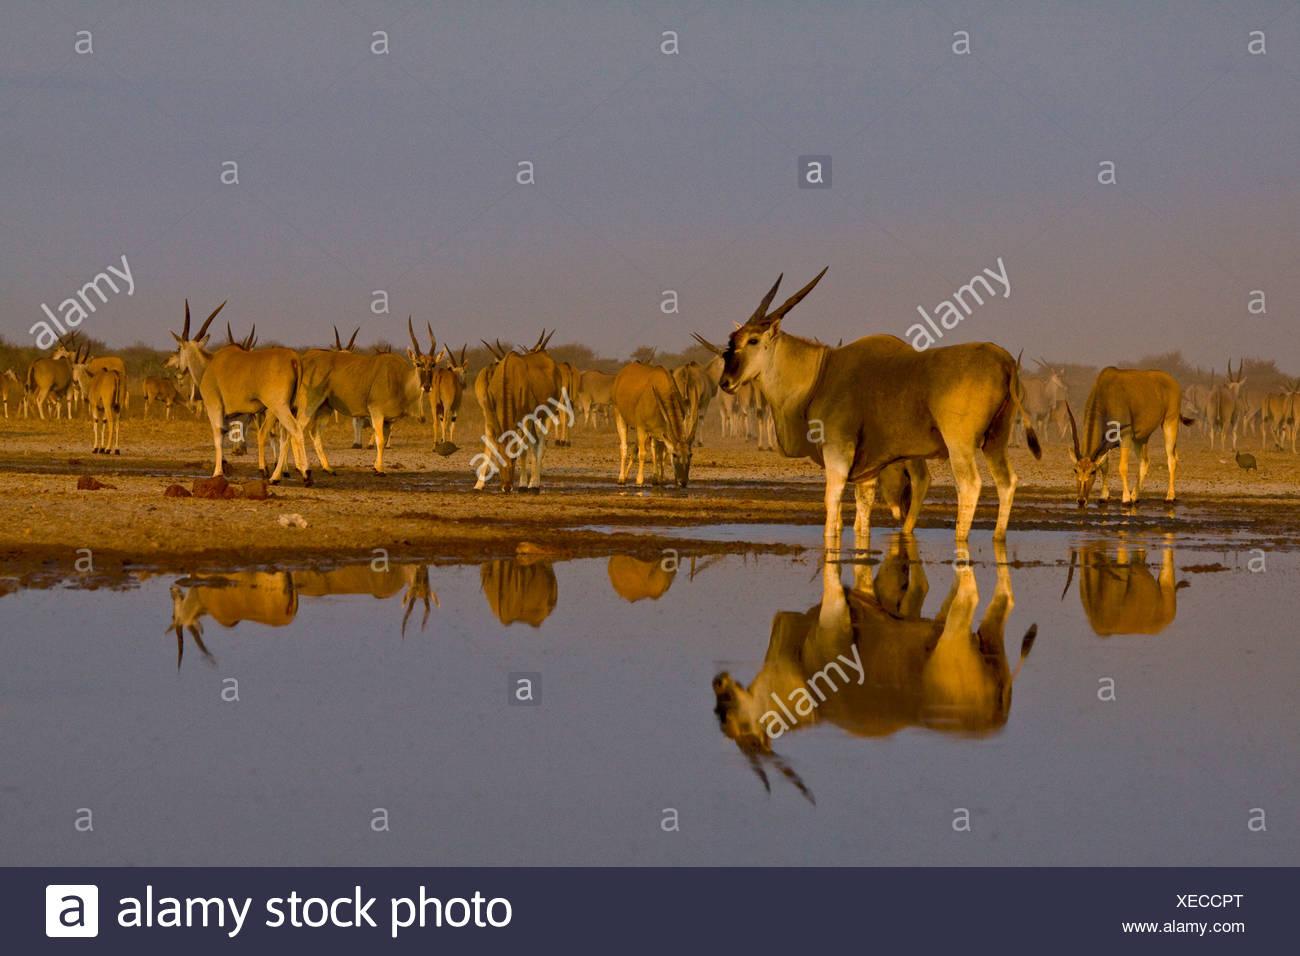 Eland bull at waterhole, Etosha National Park, Namibia. - Stock Image